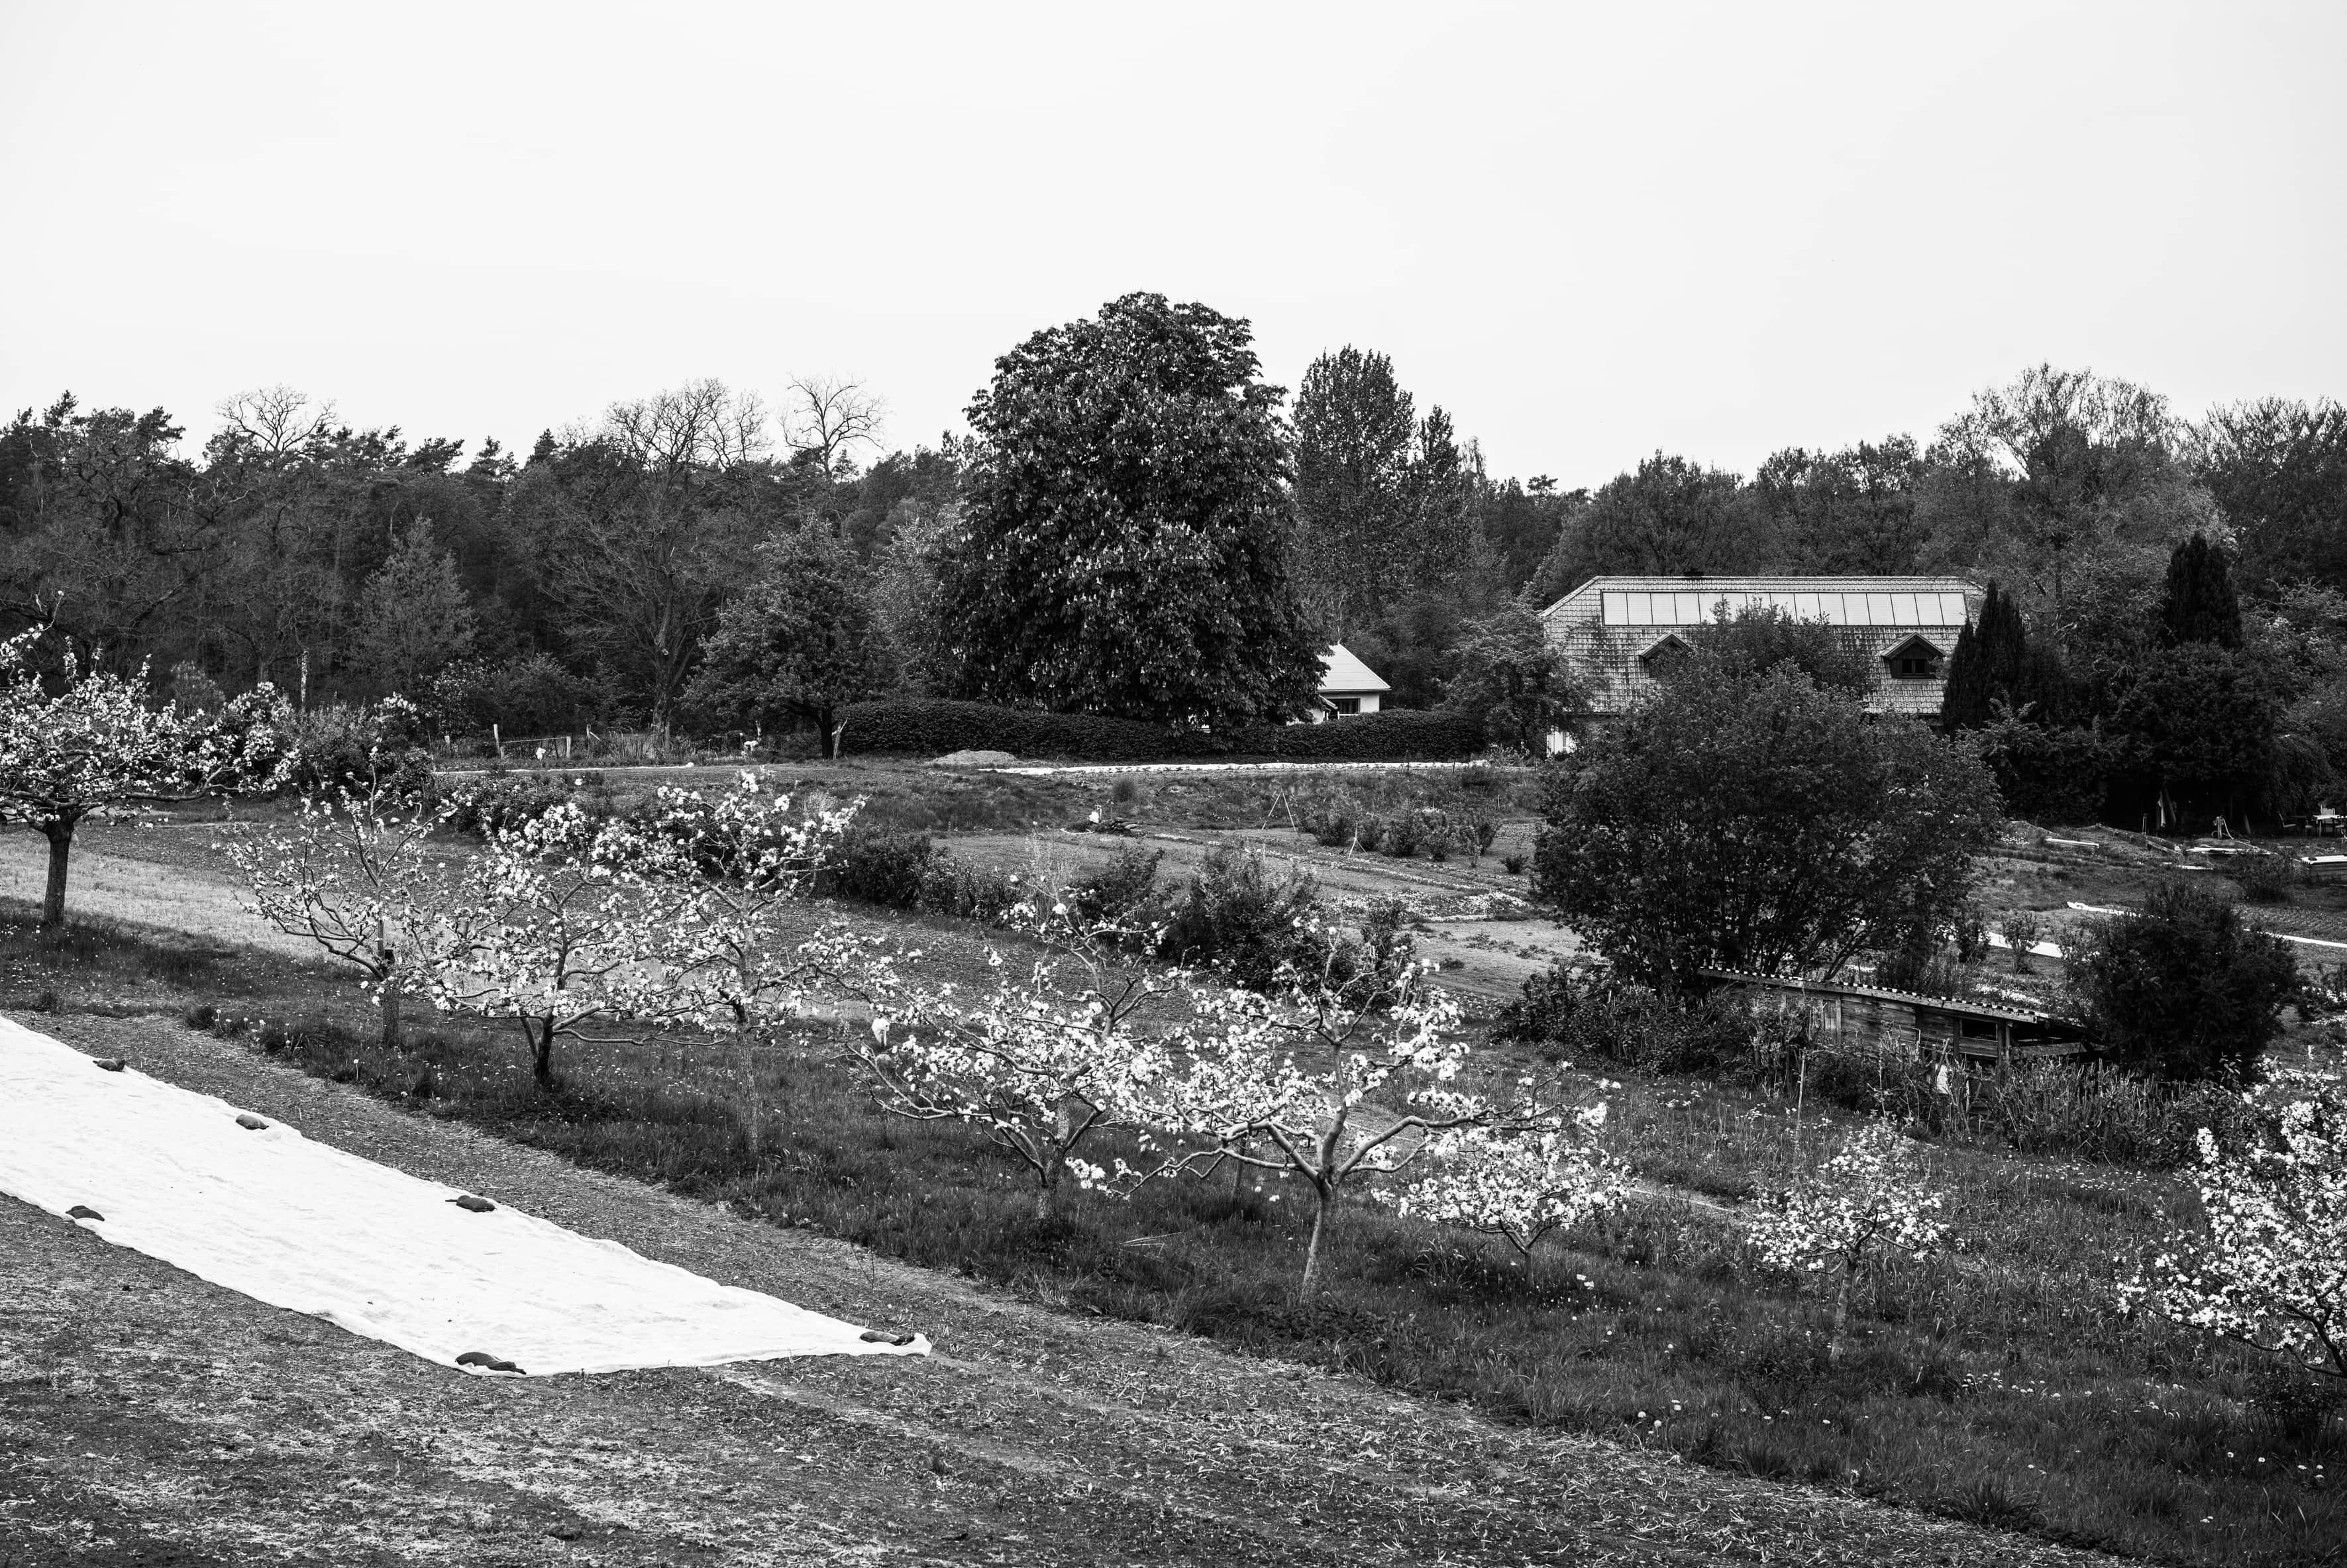 Auf etwa 1,5 Hektar wachsen auf der Marienhöhe Gemüse, Kräuter und Blumen